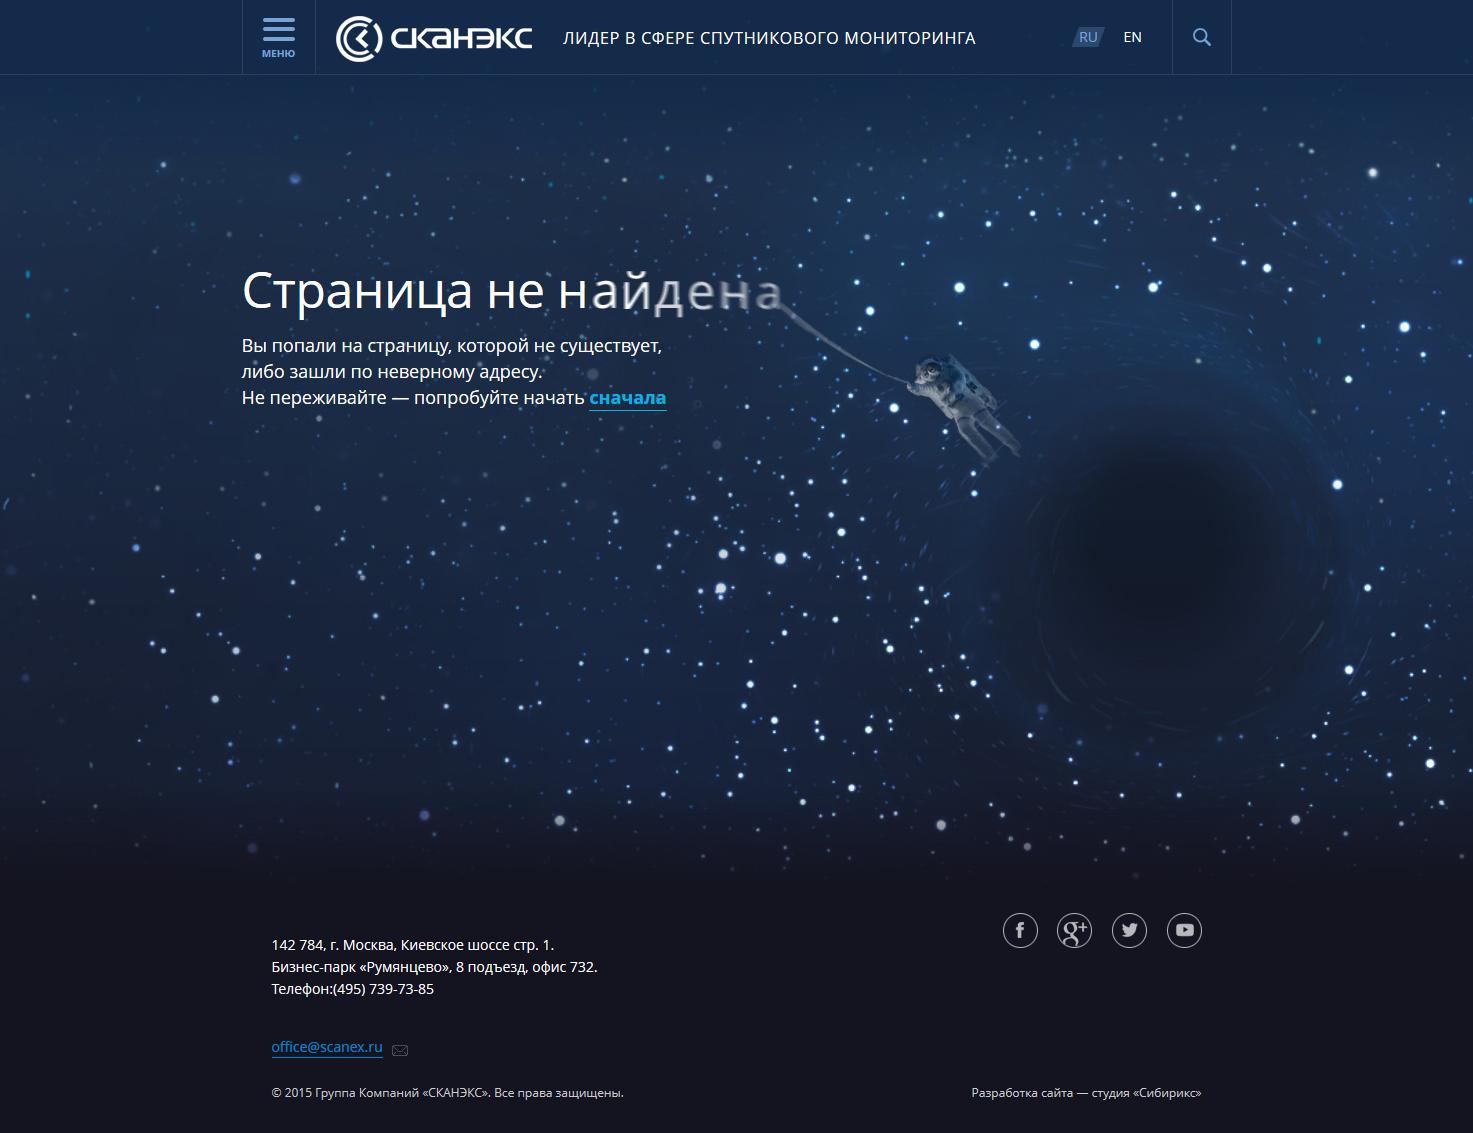 <p><b>Страница 404 получилась весьма забавной: черная дыра затягивает несовсем привычного астронавта;)</b></p>